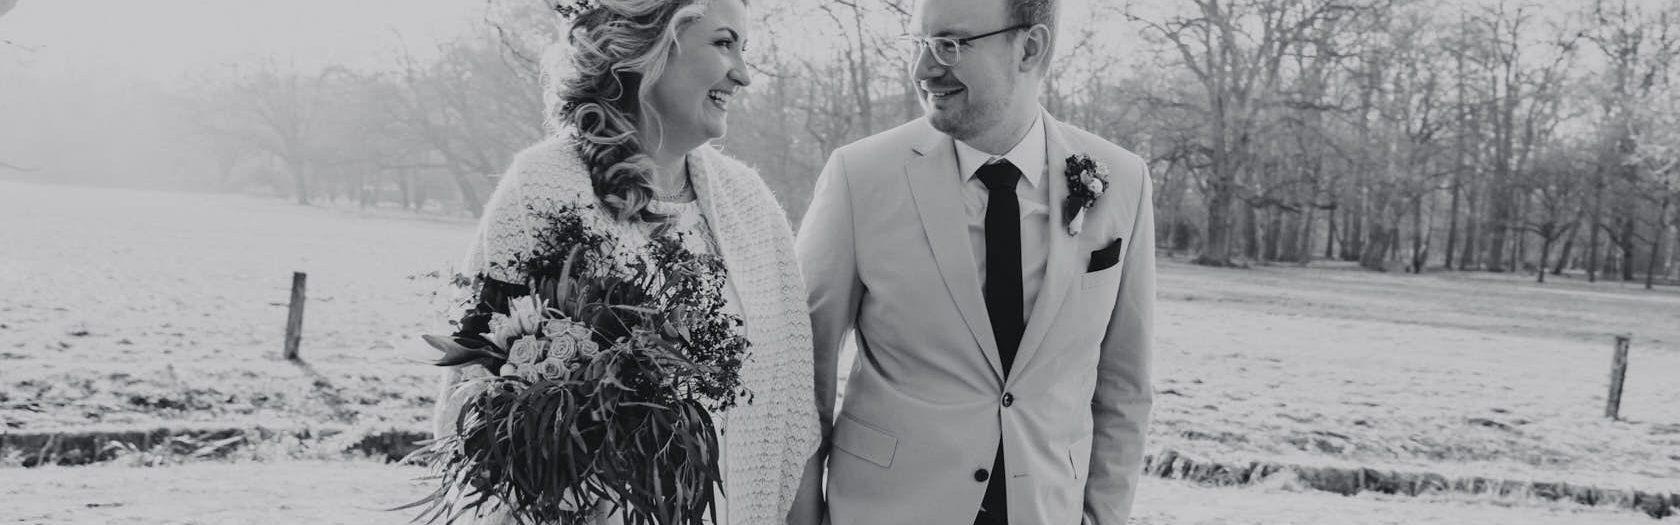 Verena & Christoph - Hochzeit